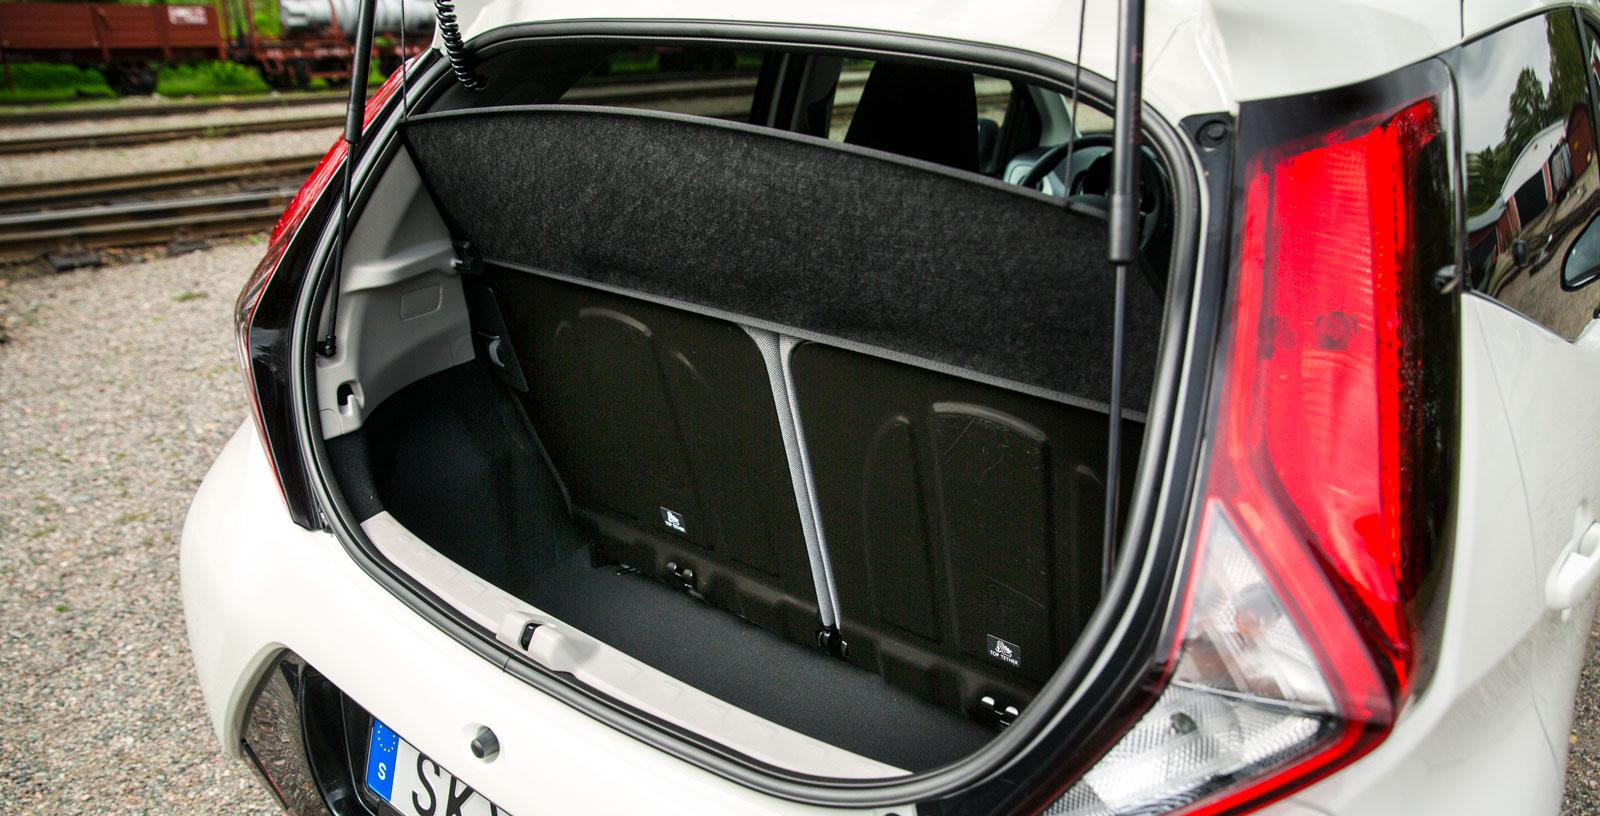 Kias bagageutrymme är testets rymligaste i VDA-liter mätt. Men i vårt praktiska lastprov blev den bara tvåa, efter VW Up.  Baksätets ryggstöd är fällbara i förhållandet 60/40 och dubbla kasskrokar finns, liksom en lampa. Under lastgolvet döljer sig ett nödreservhjul med tillhörande